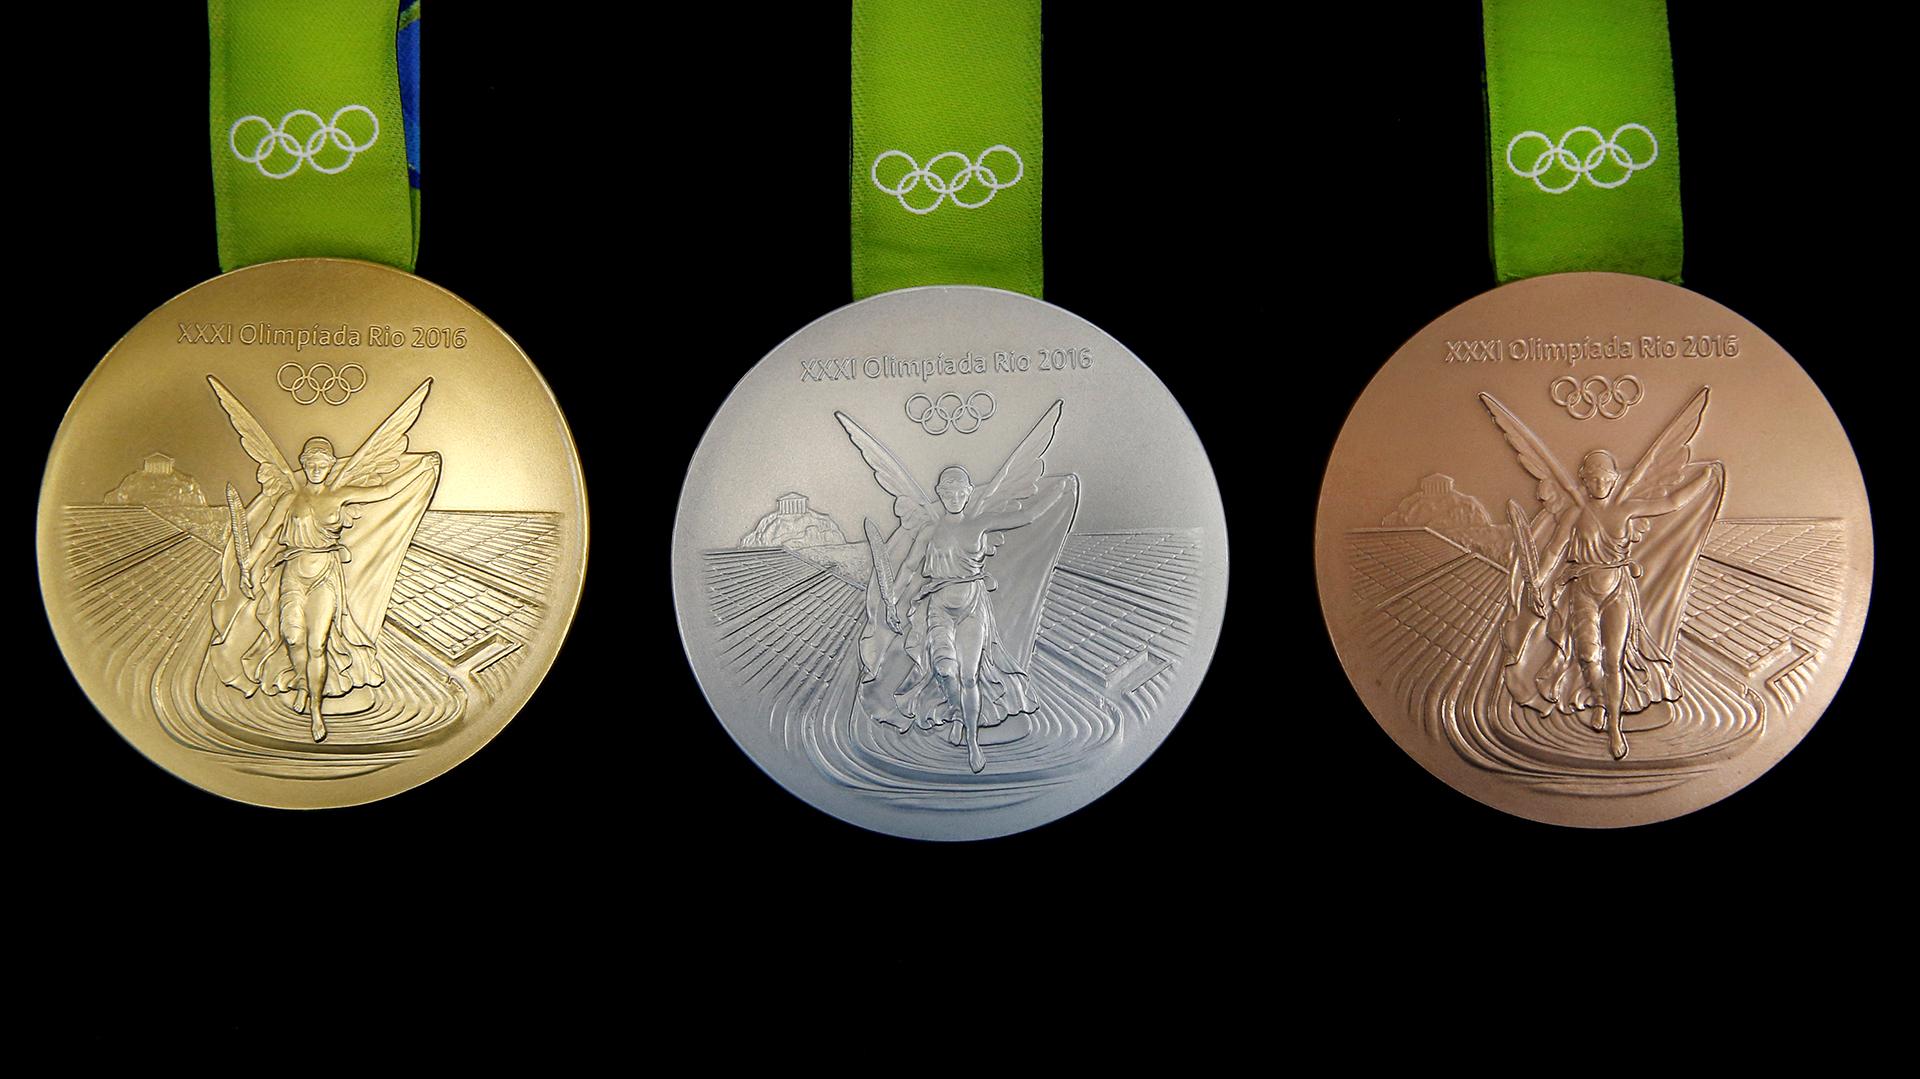 Estas medallas son las más sustentables de la historia de los juegos olímpicos (Reuters)